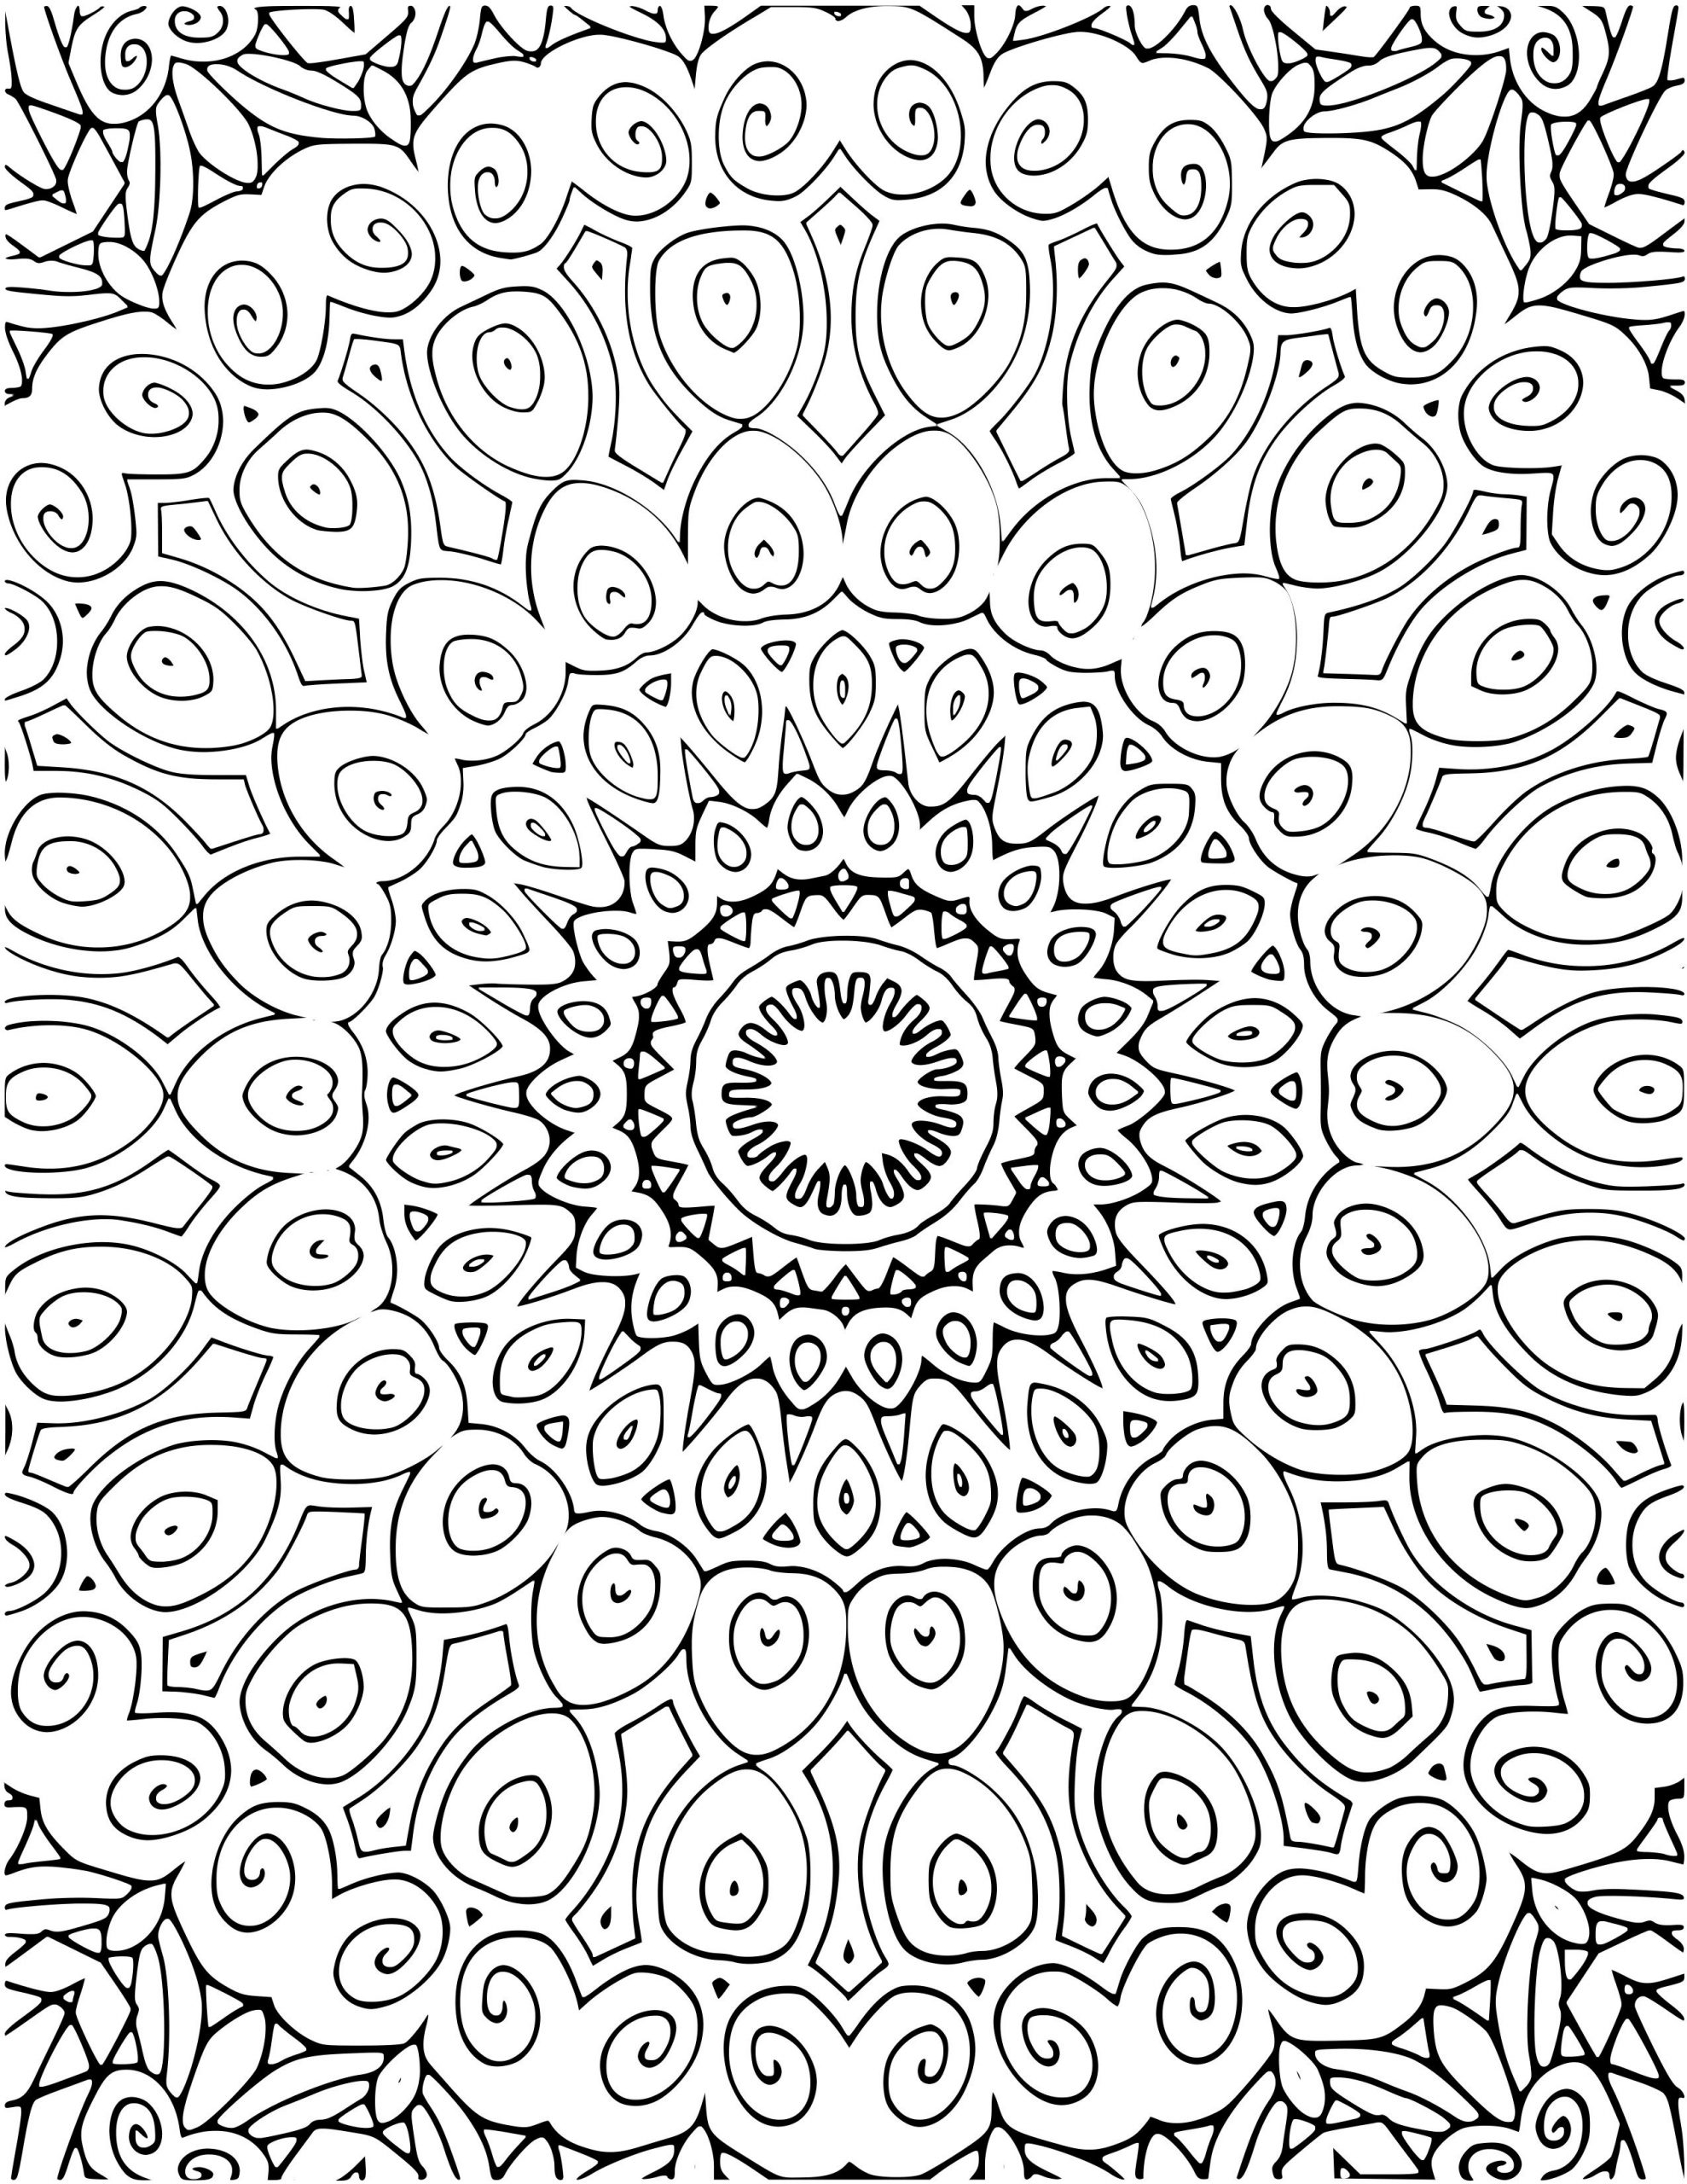 Mandala Ausmalen Für Erwachsene - Ausmalbilder Kostenlos mit Mandalas Zum Ausmalen Für Erwachsene Kostenlos